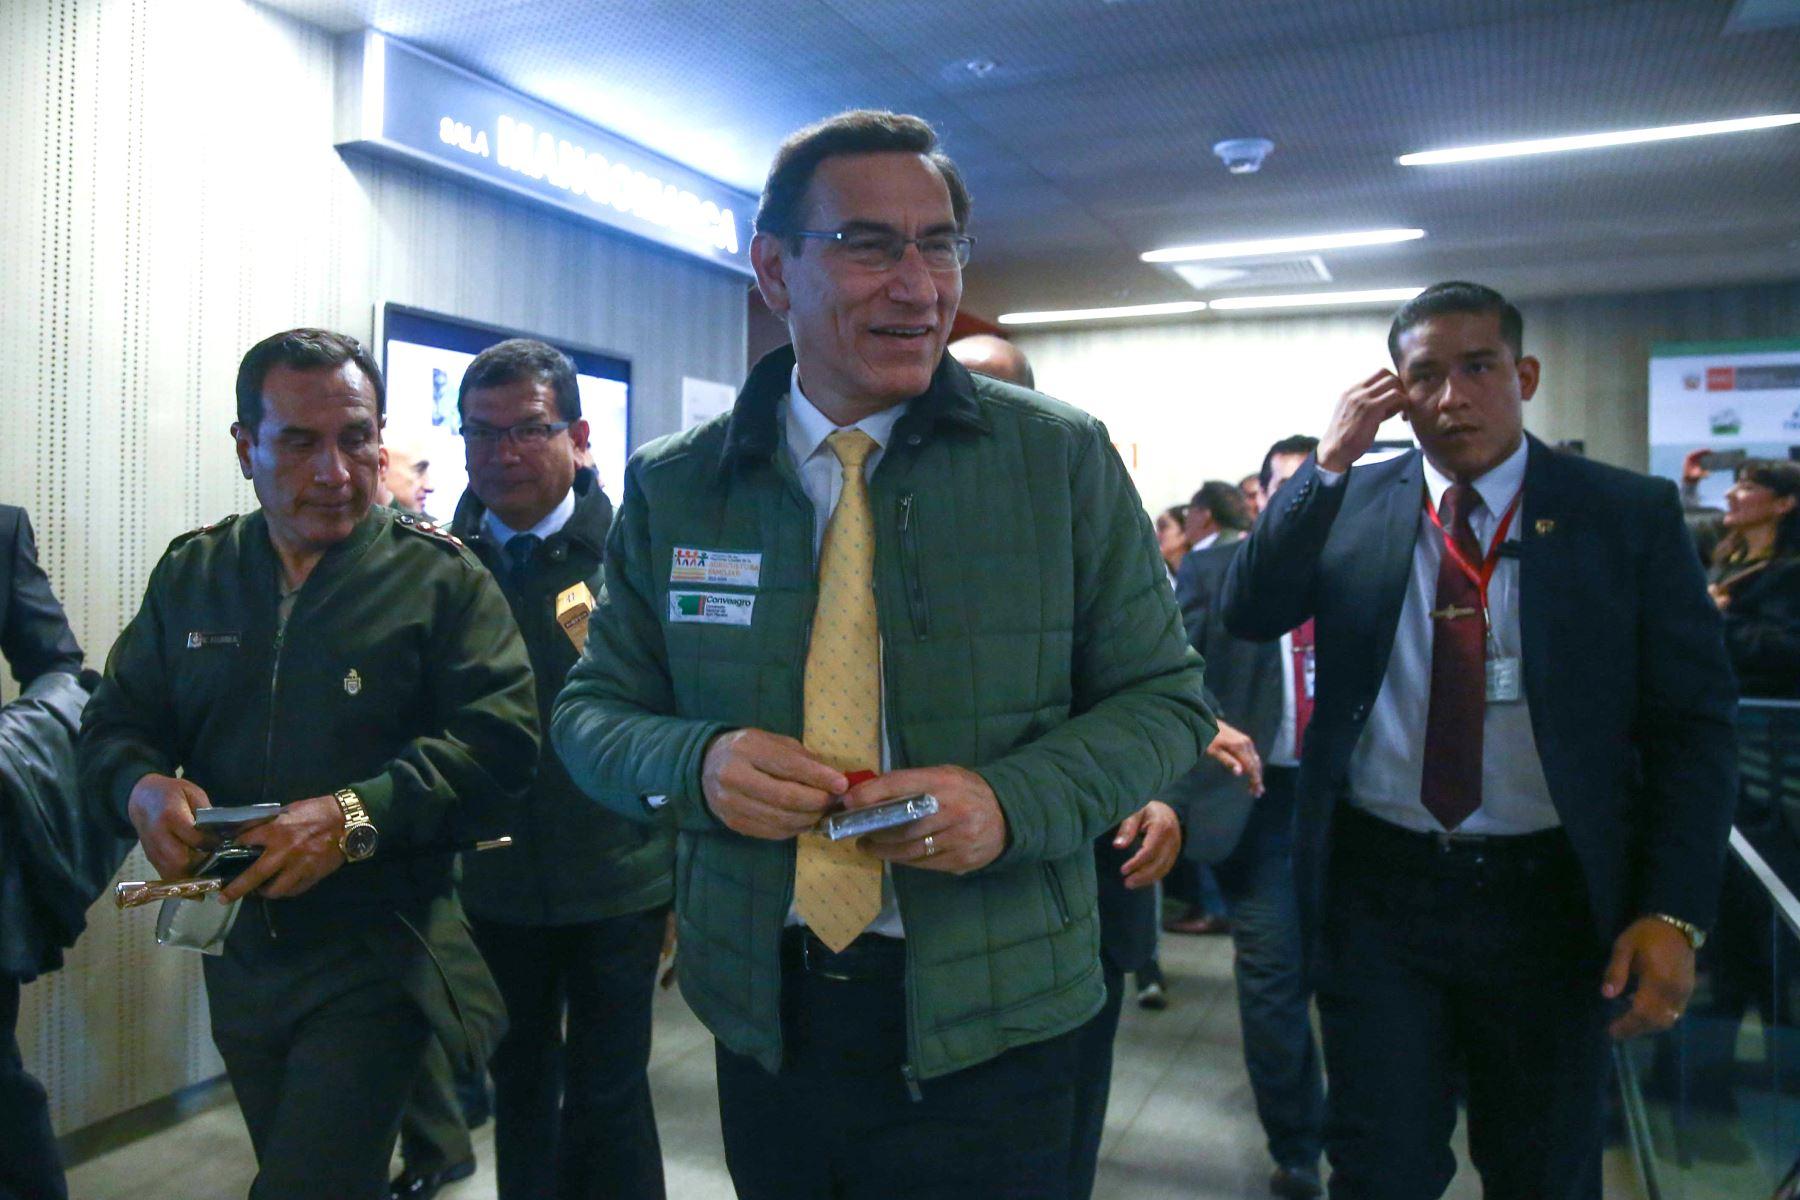 Presidente Martín Vizcarra participa en la ceremonia de lanzamiento nacional del Decenio de la Agricultura Familiar.Foto: ANDINA/Vidal Tarqui